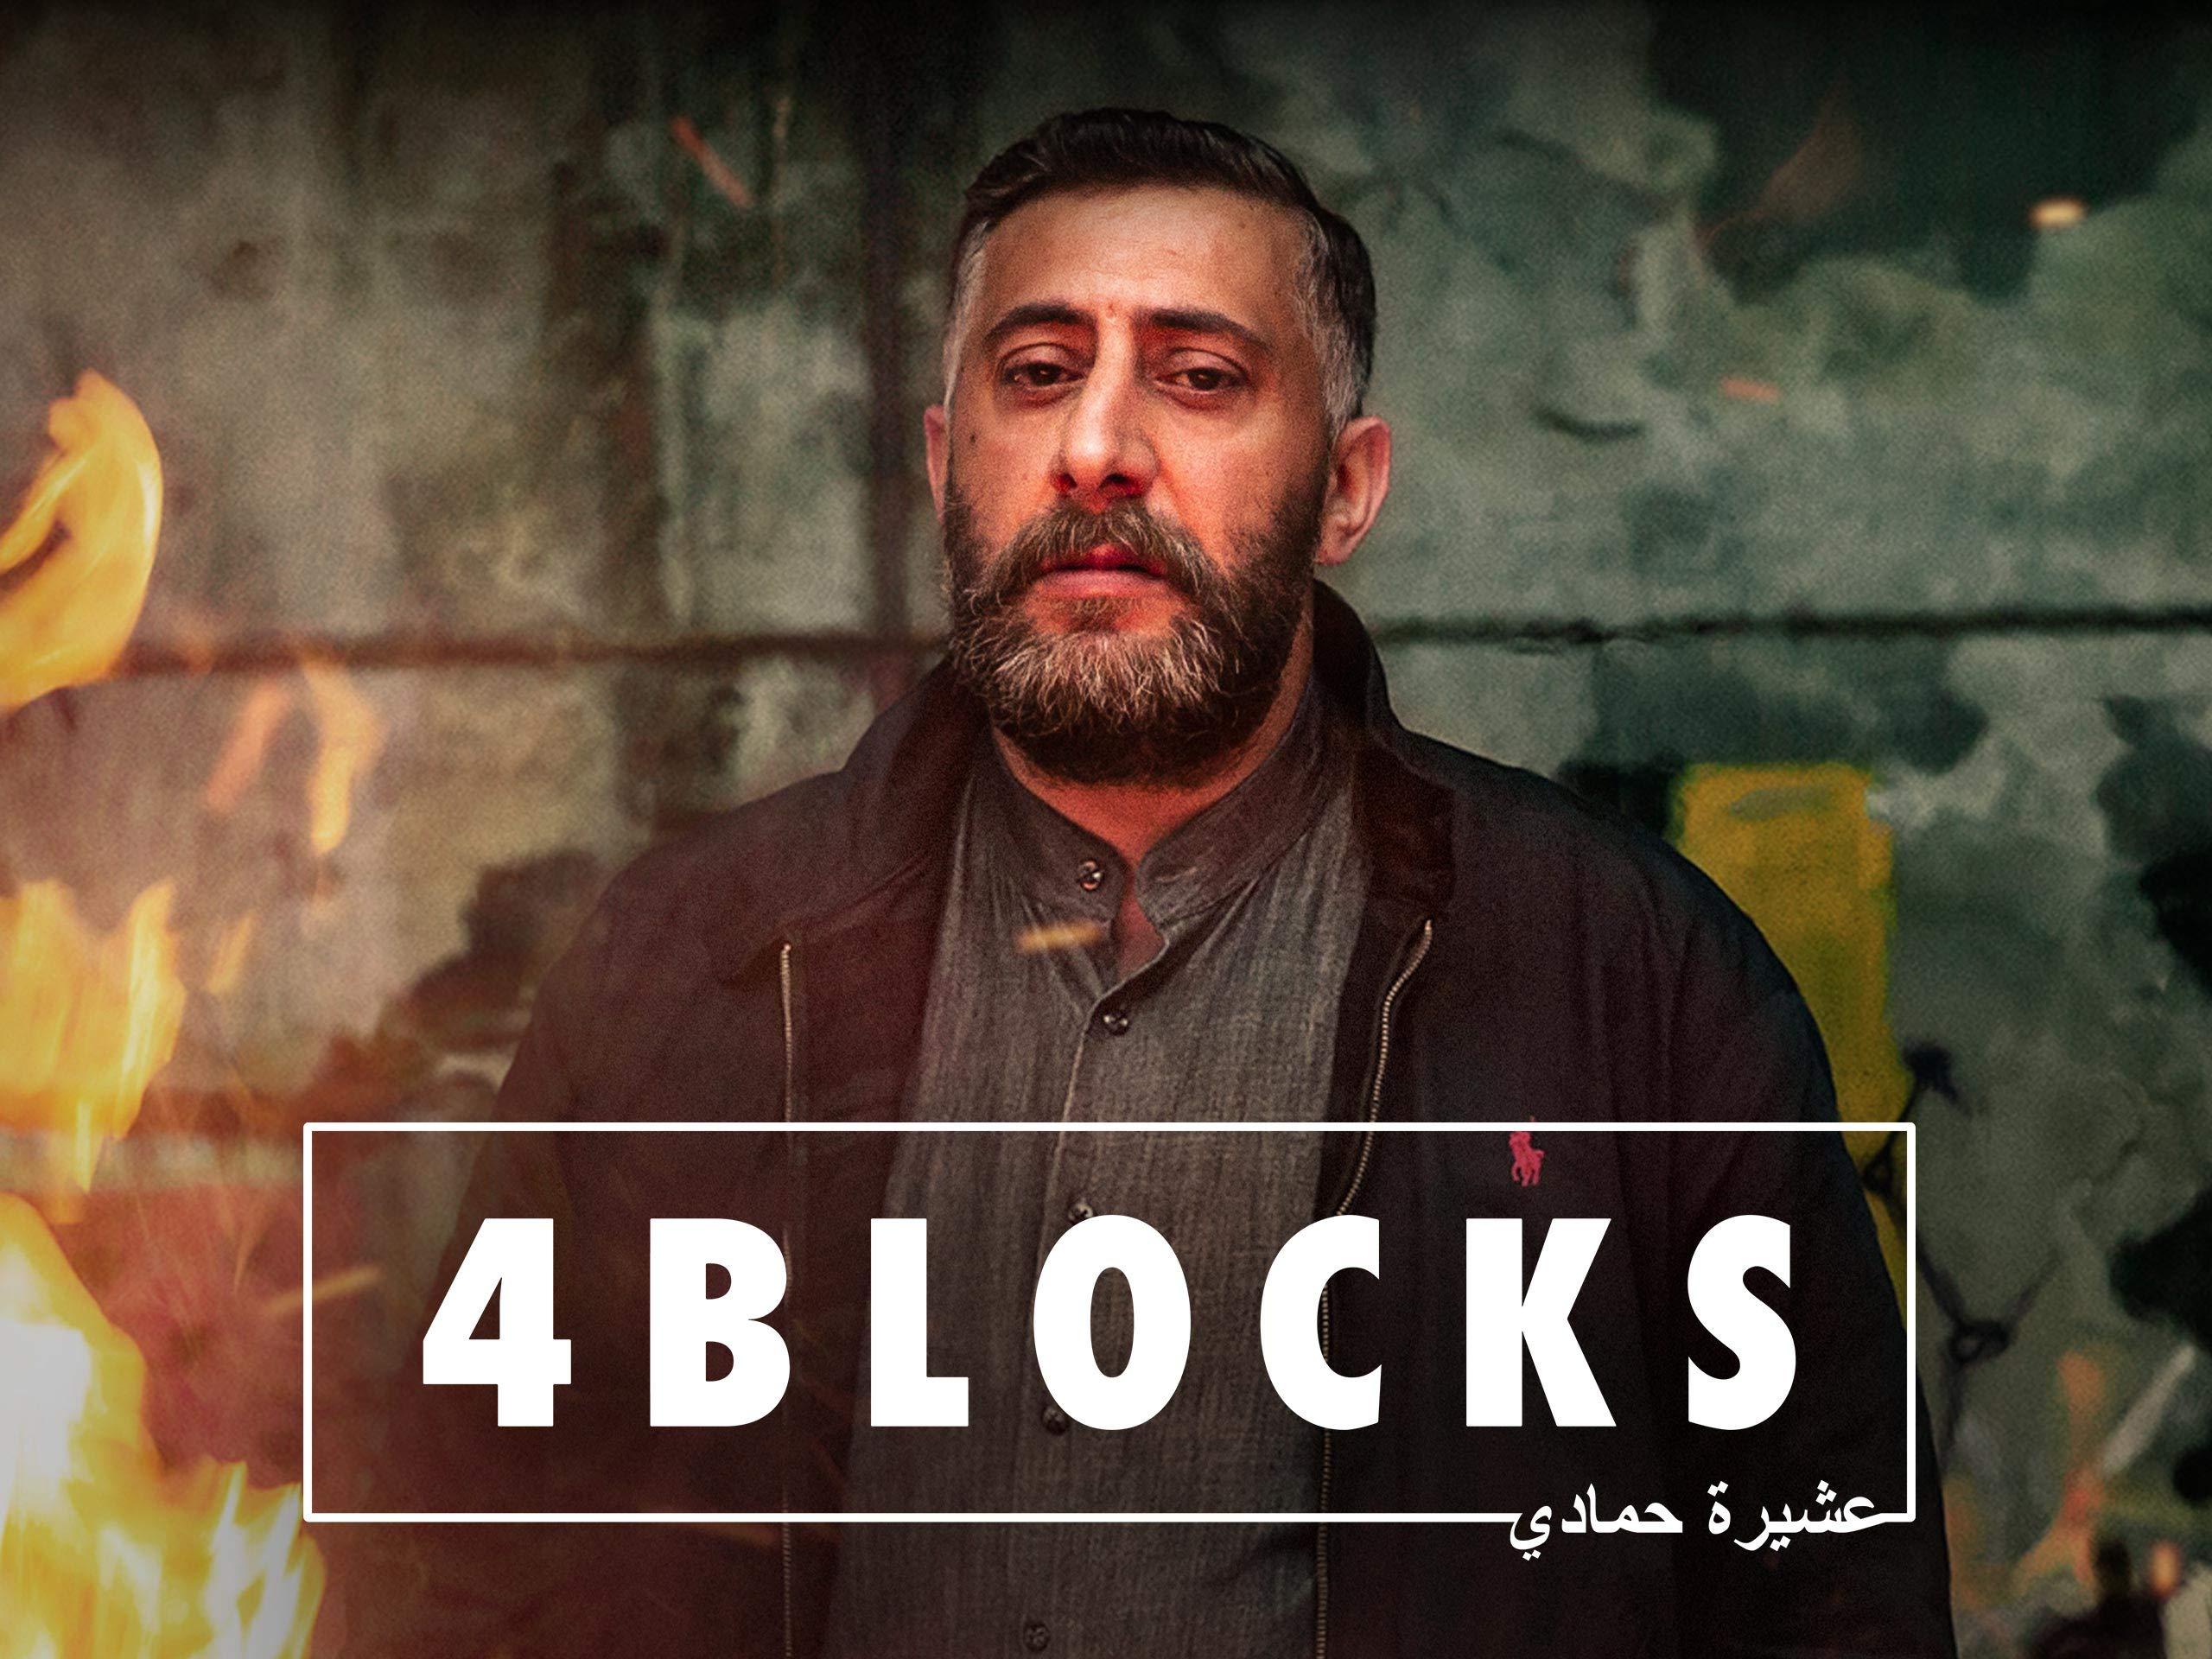 Blocks anschauen 3 kostenlos 4 staffel